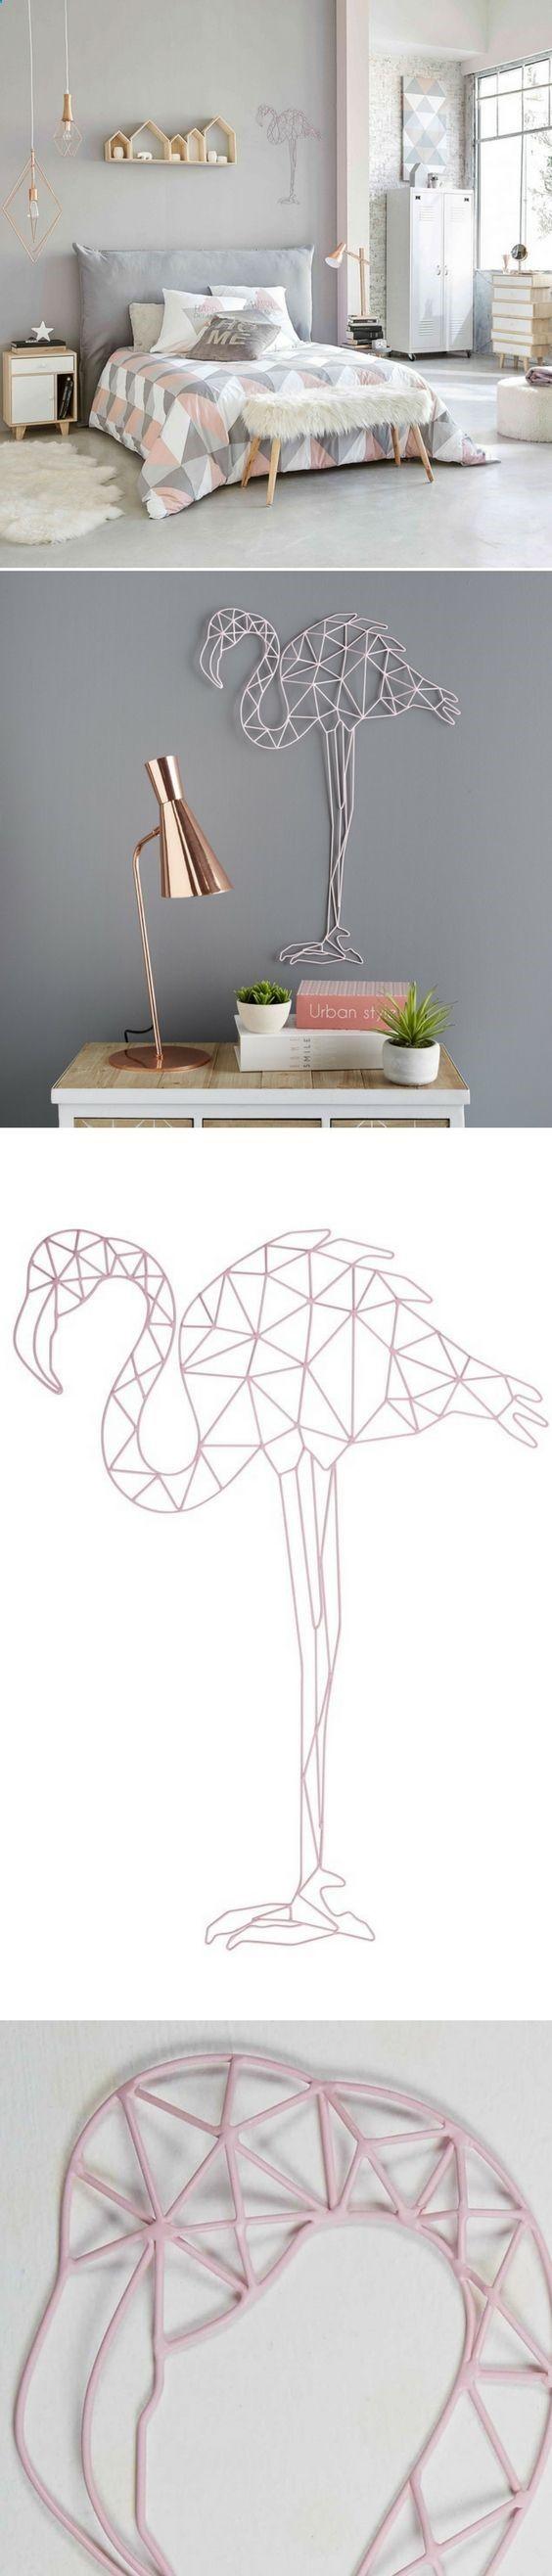 d co murale flamant rose en fil de m tal erika maisons du monde dormitorios. Black Bedroom Furniture Sets. Home Design Ideas